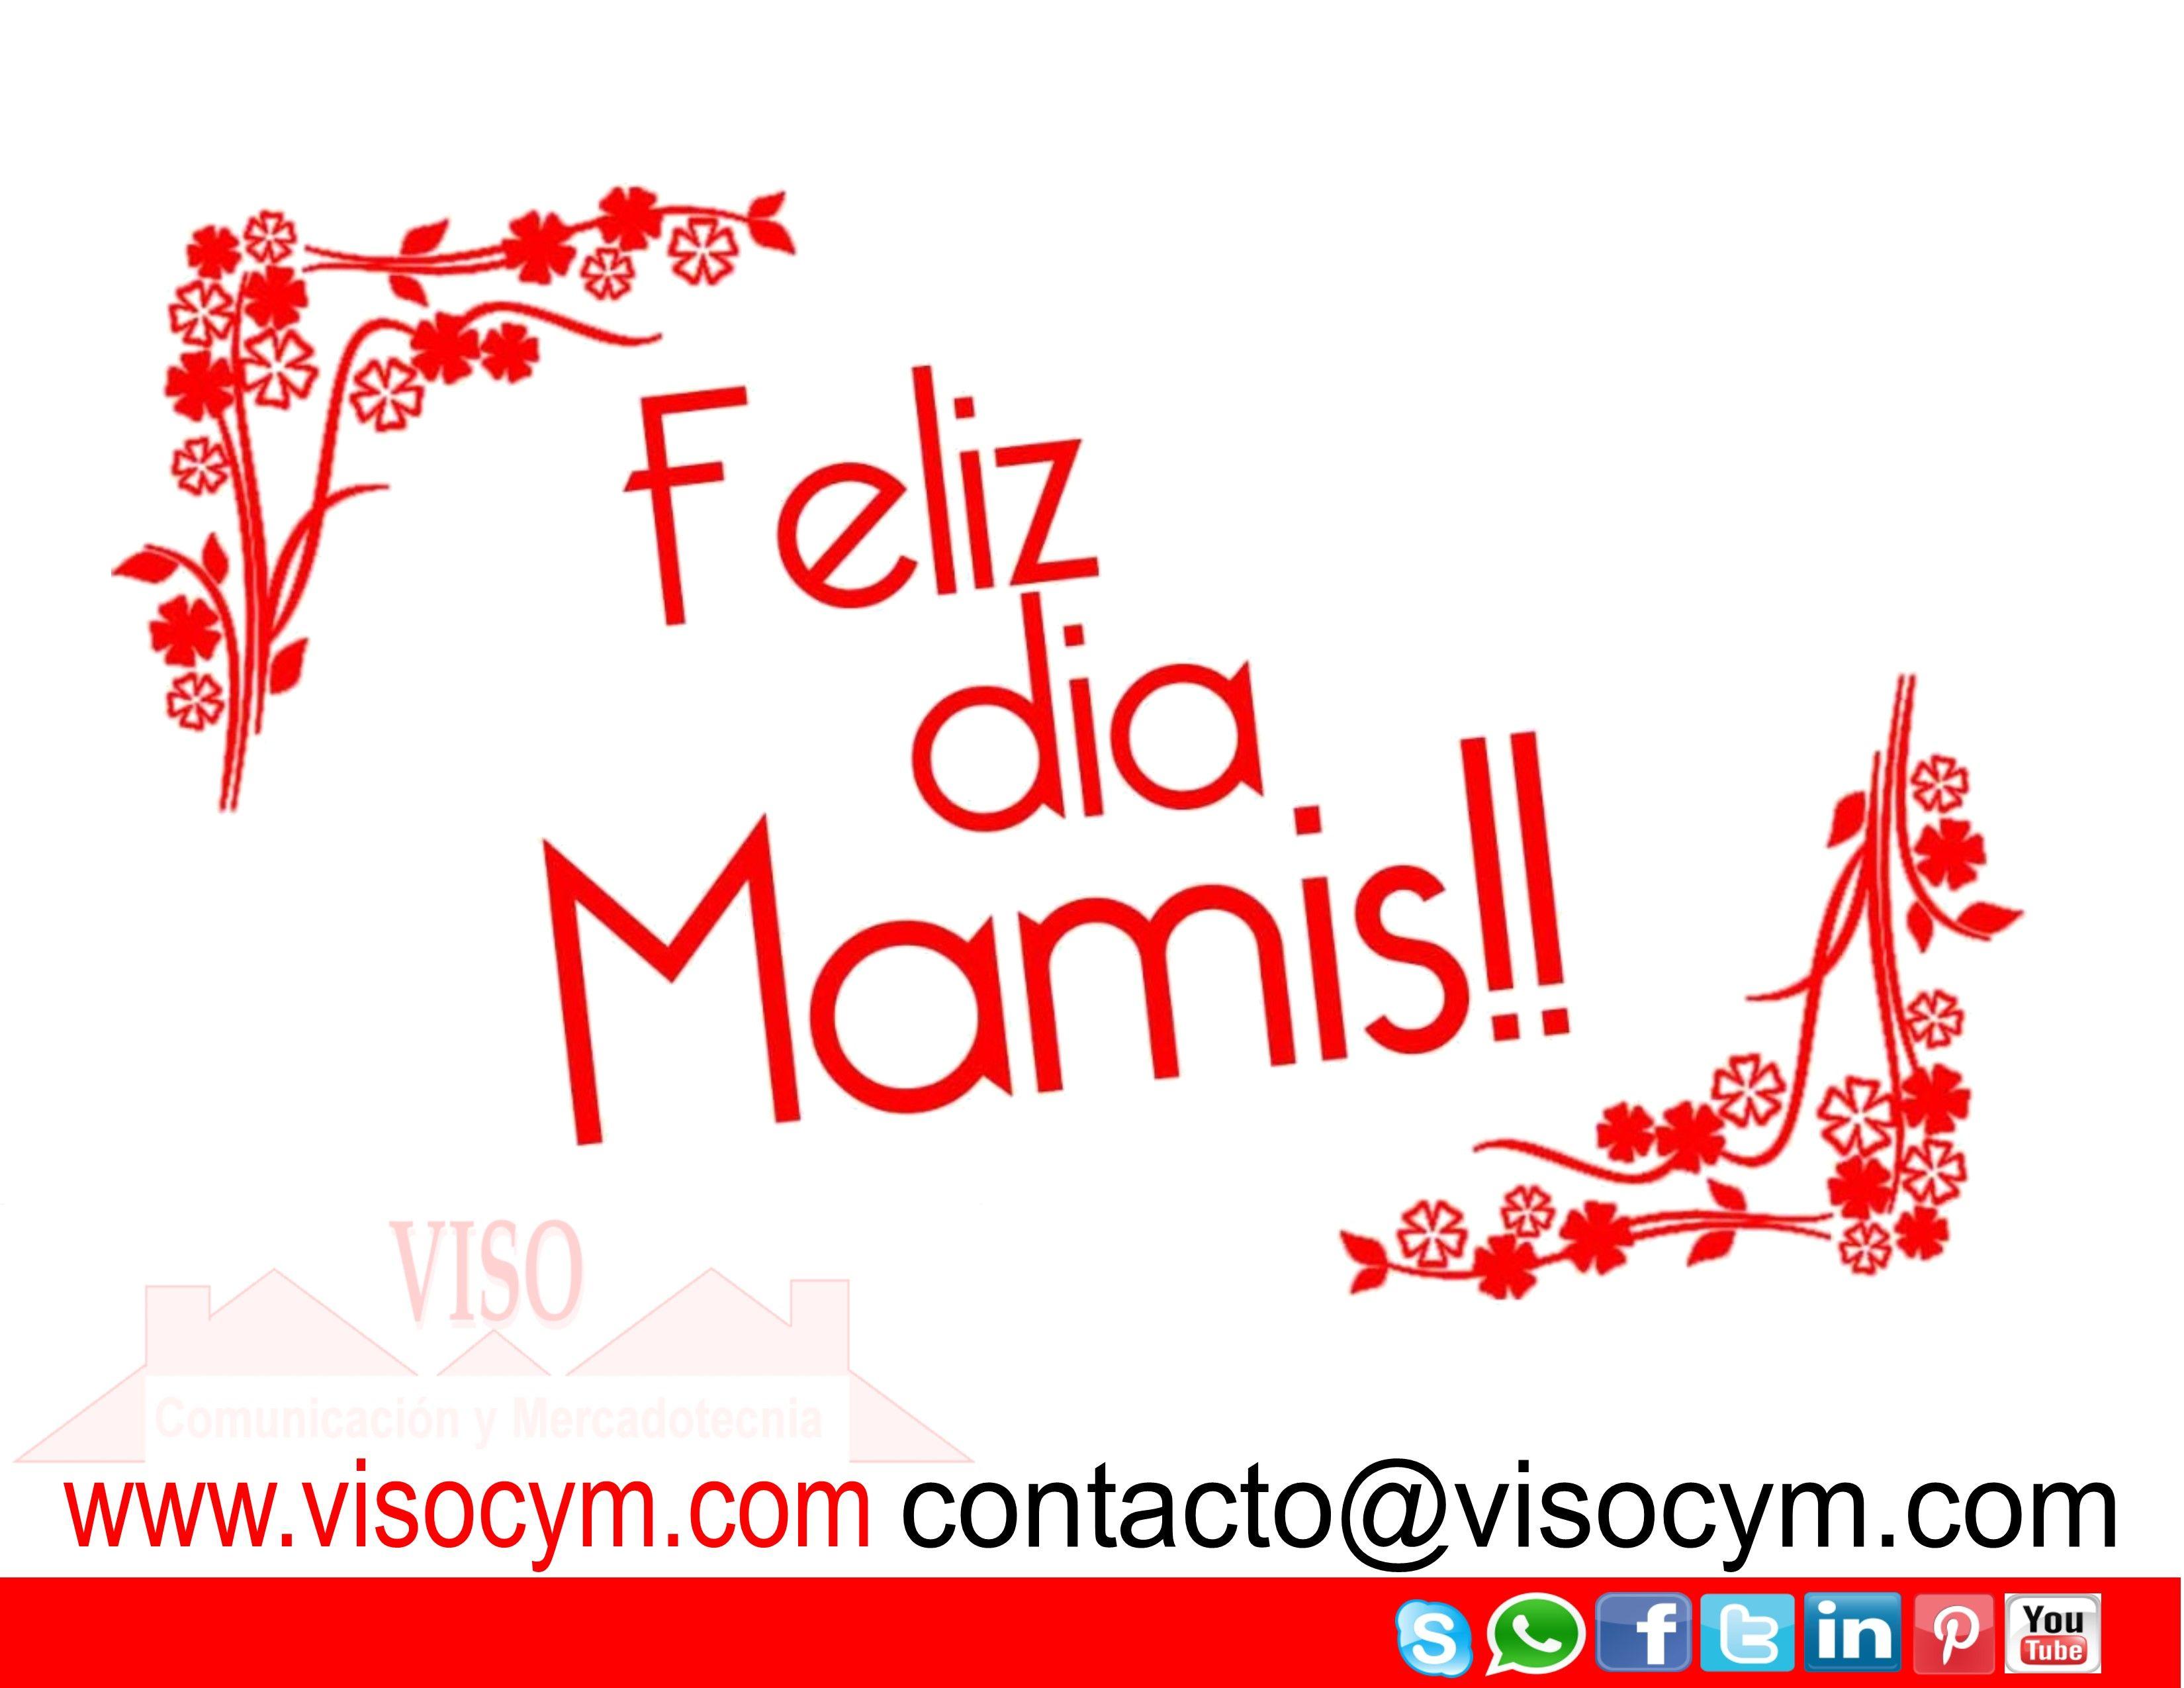 Feliz dia Mamis #visocym